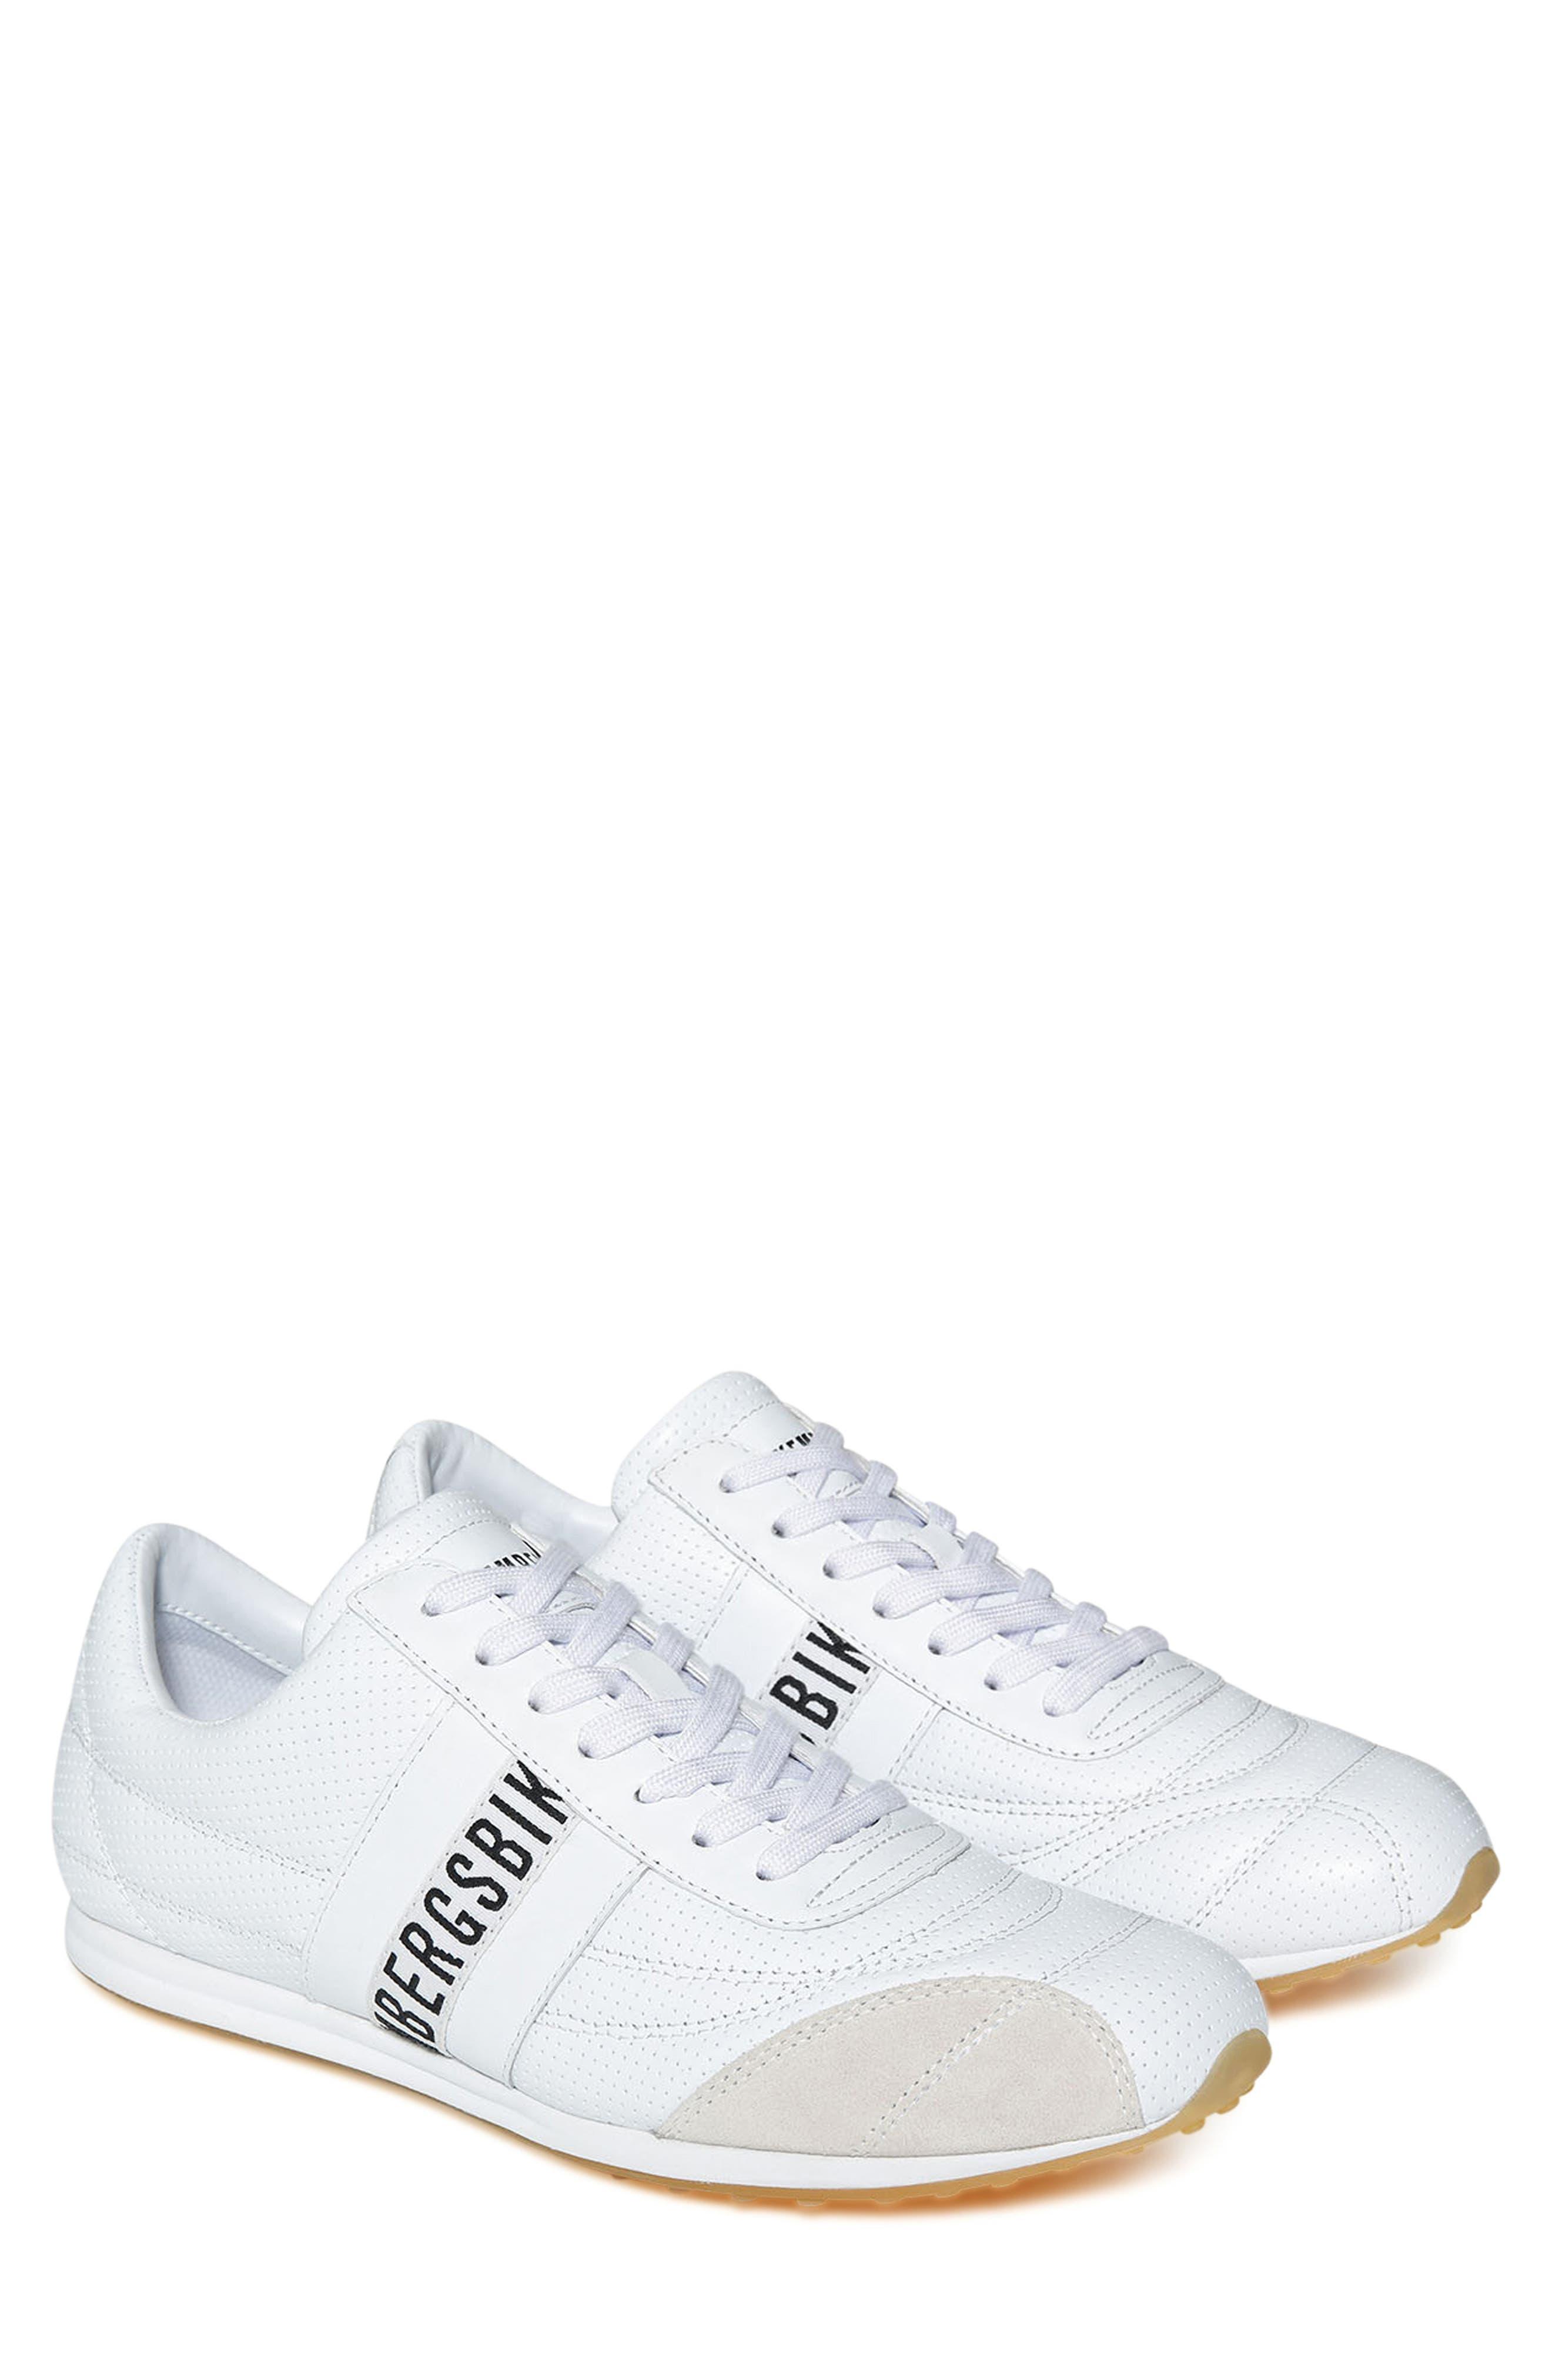 Barthel Sneaker